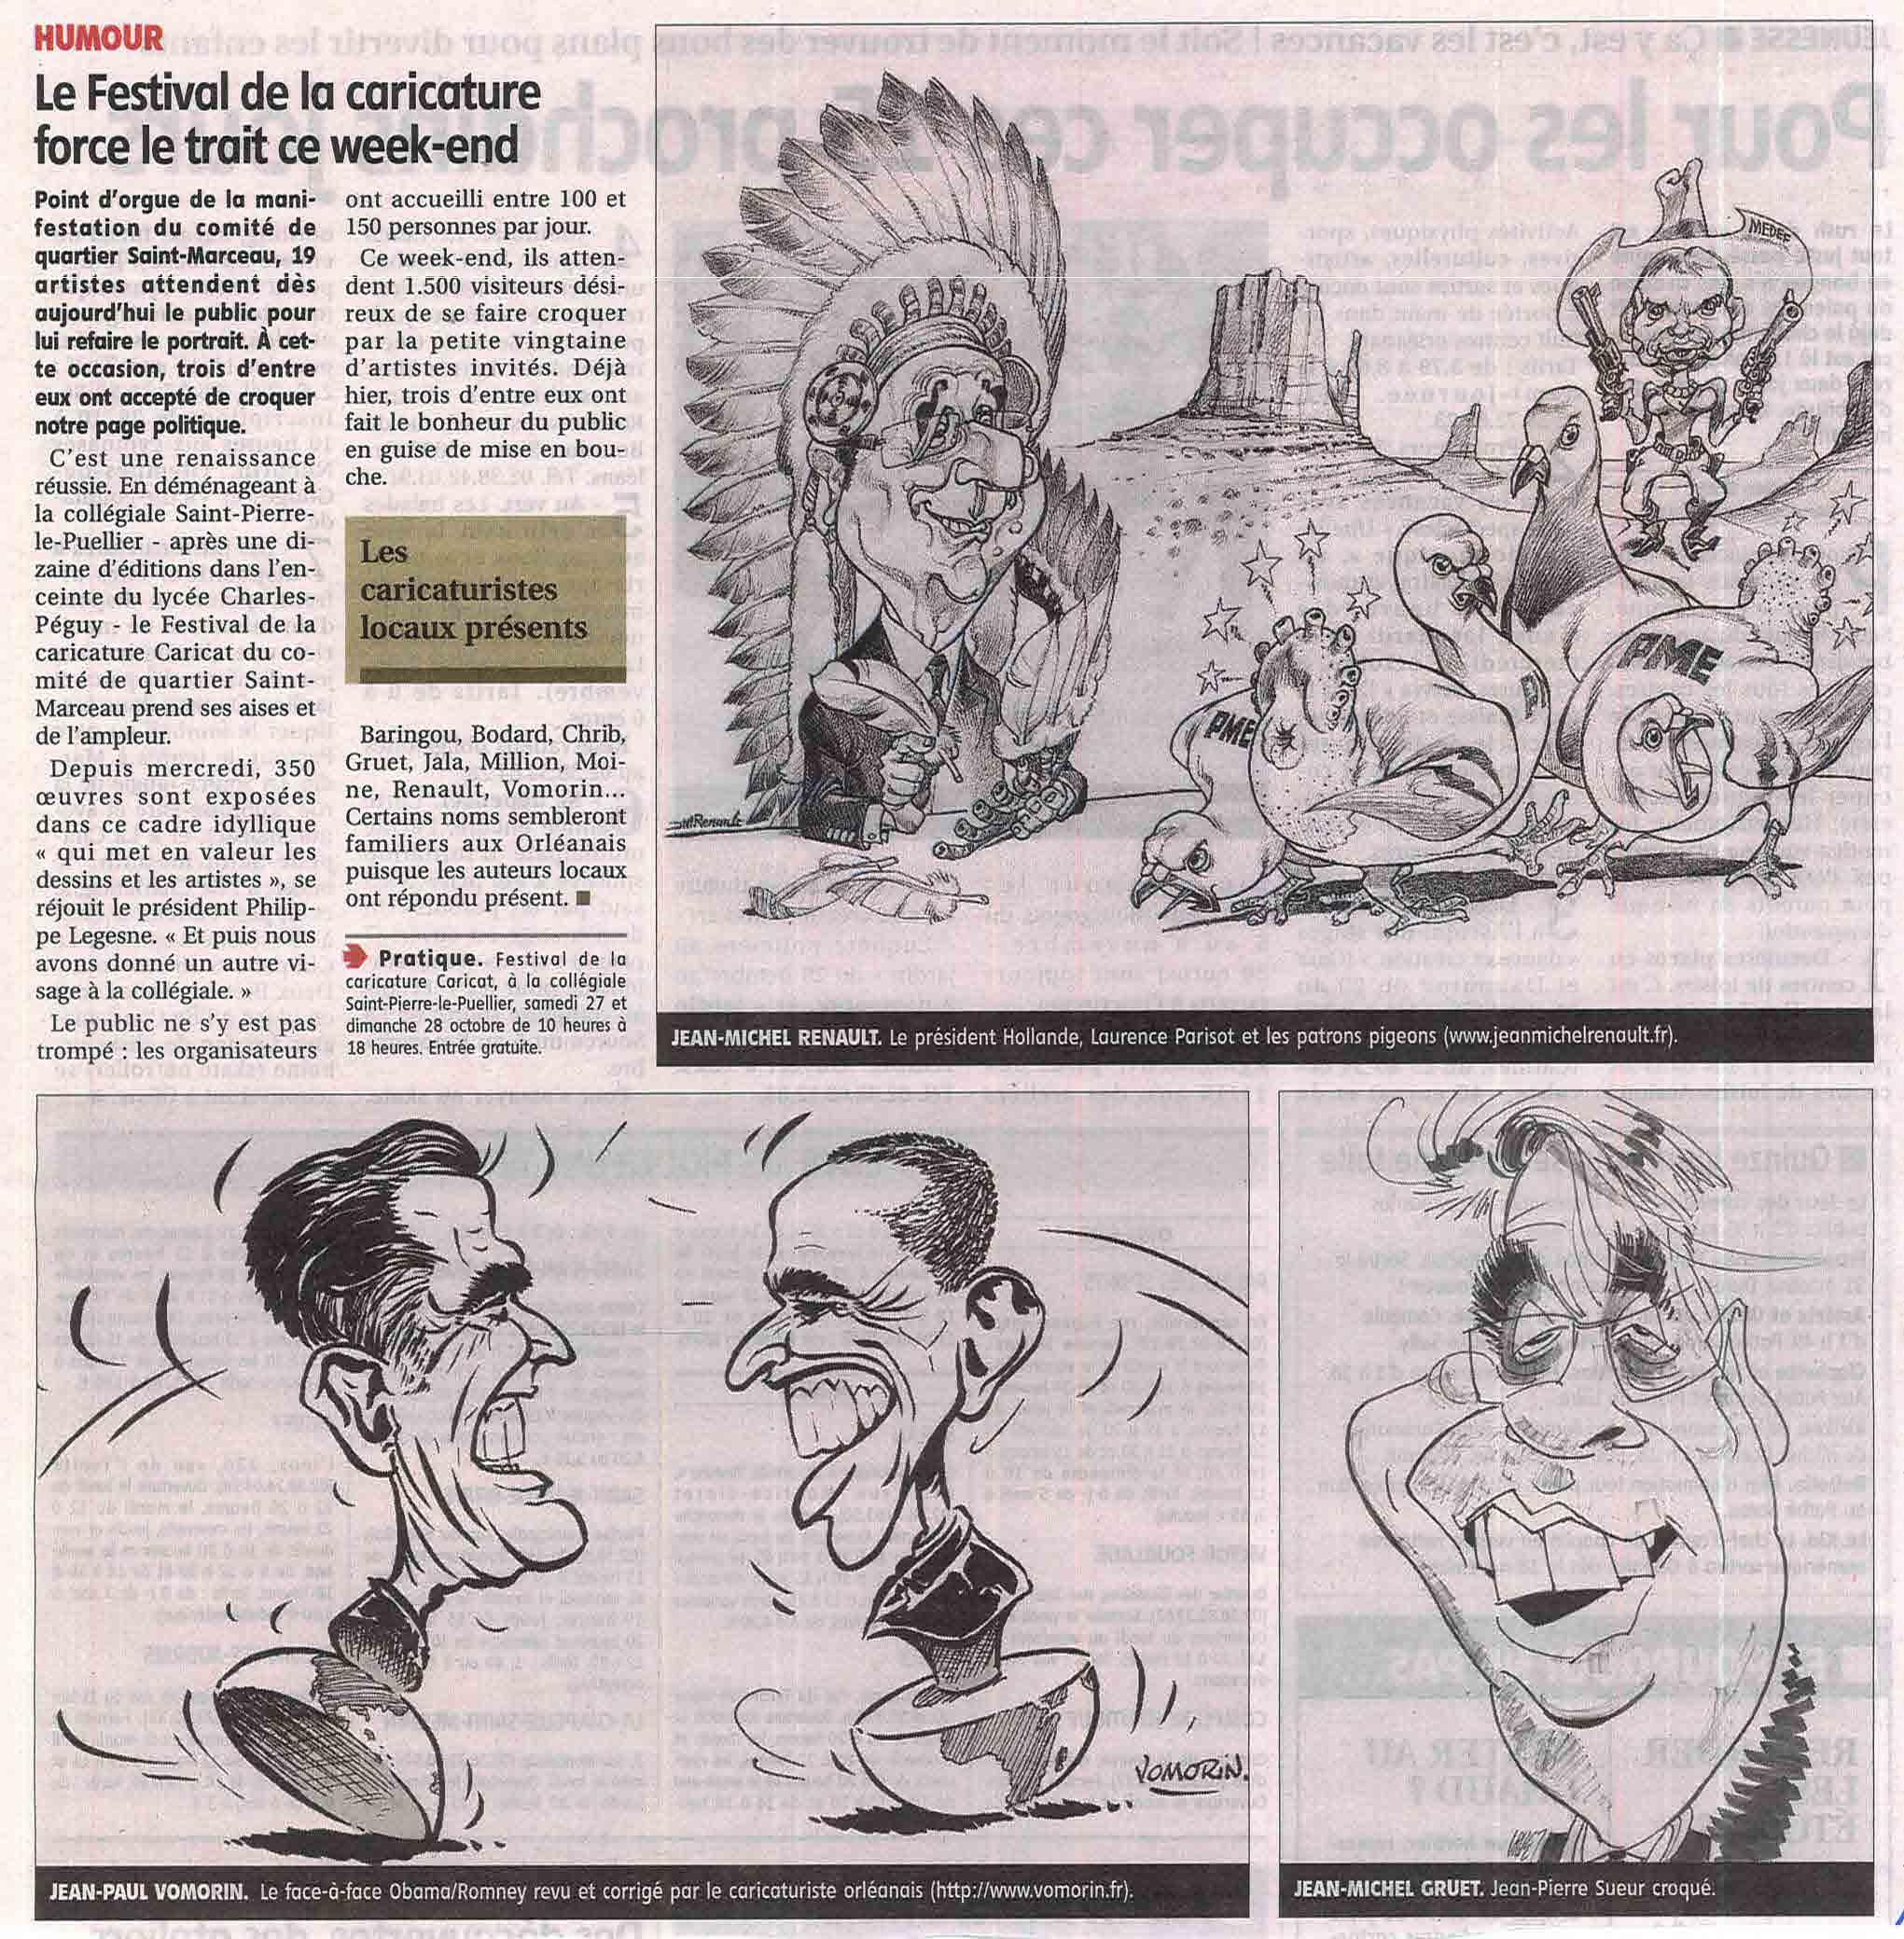 121027_LaRep_caricature